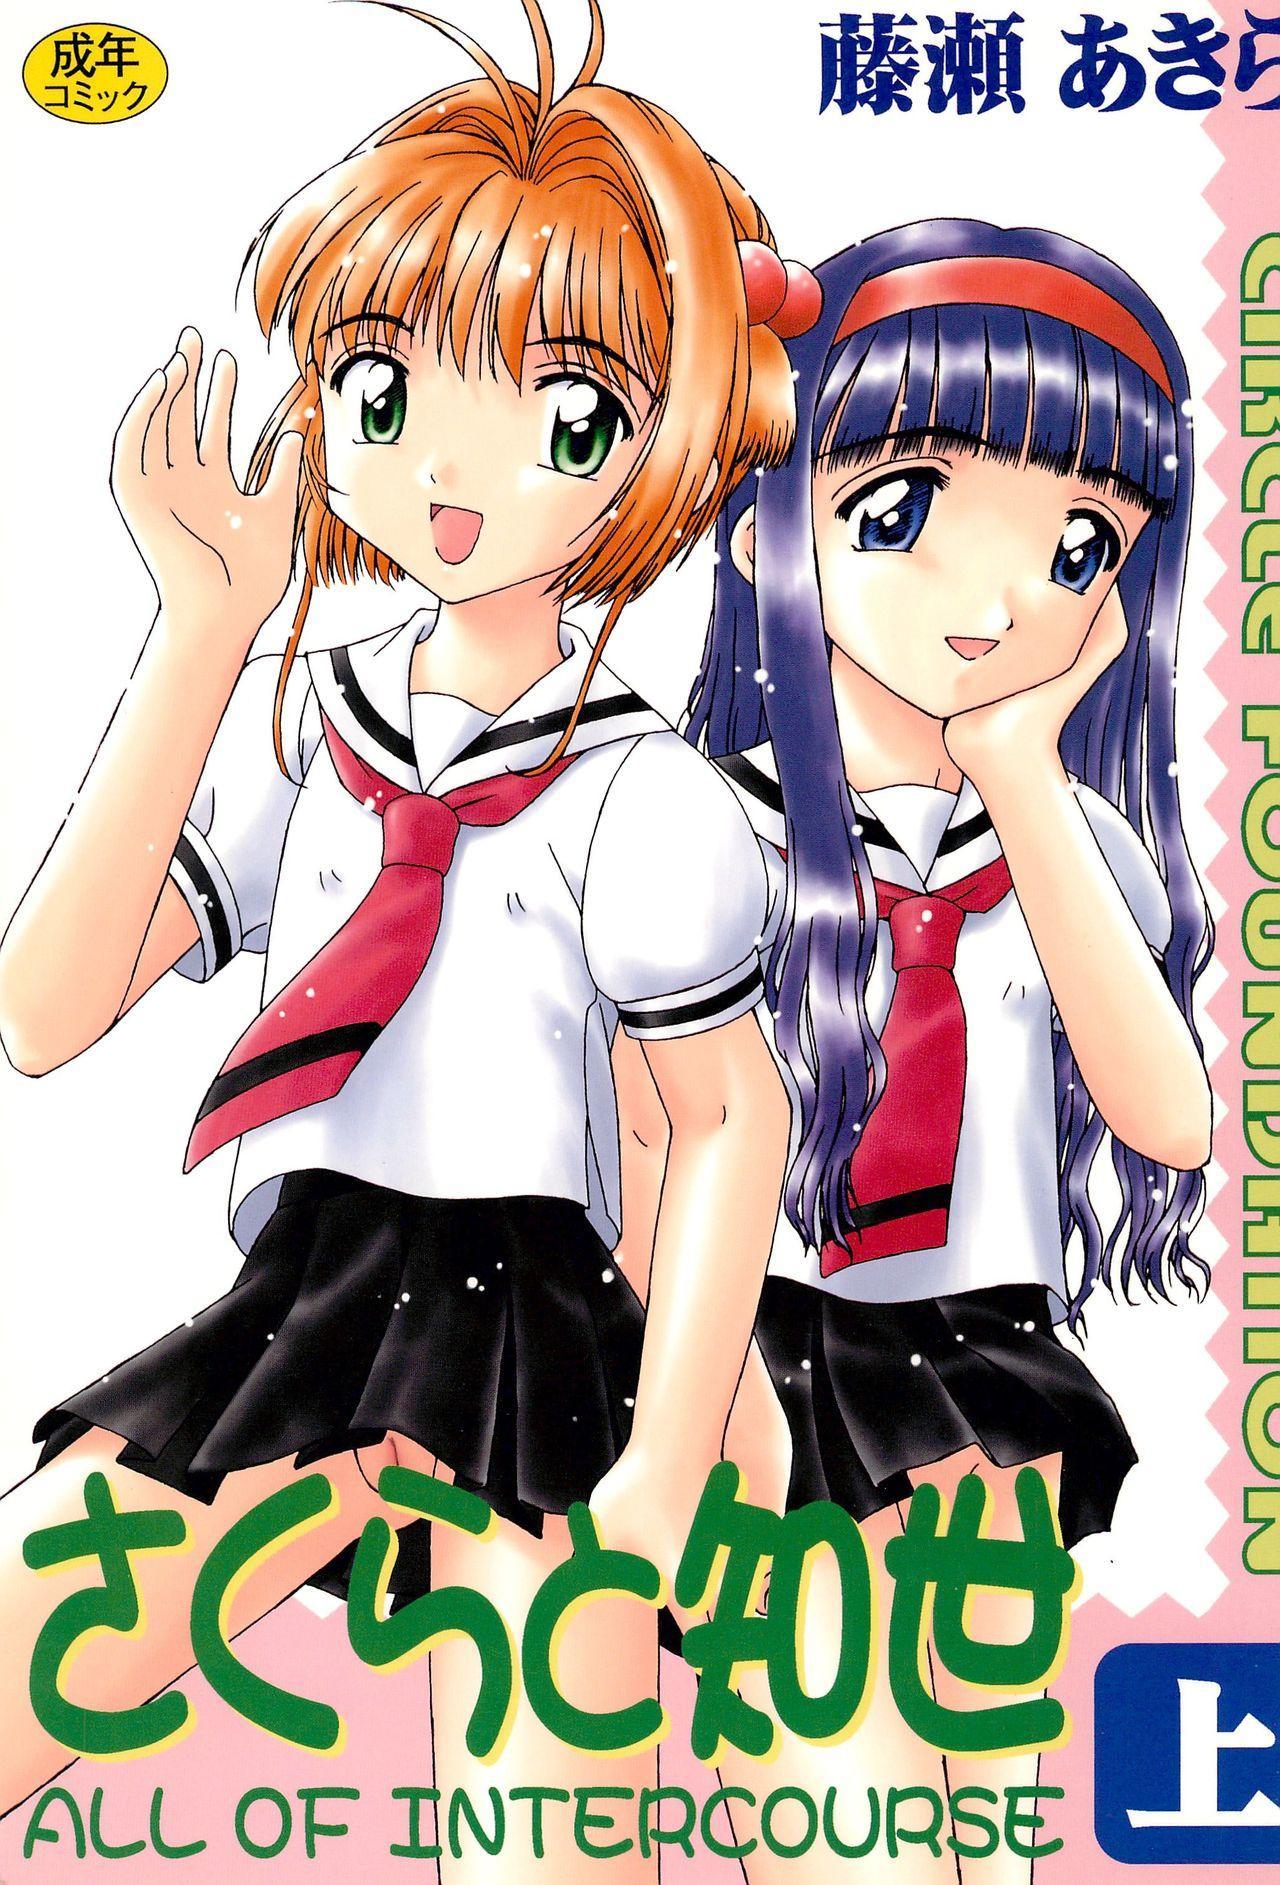 Sakura to Tomoyo ALL OF INTERCOURSE Jou 0